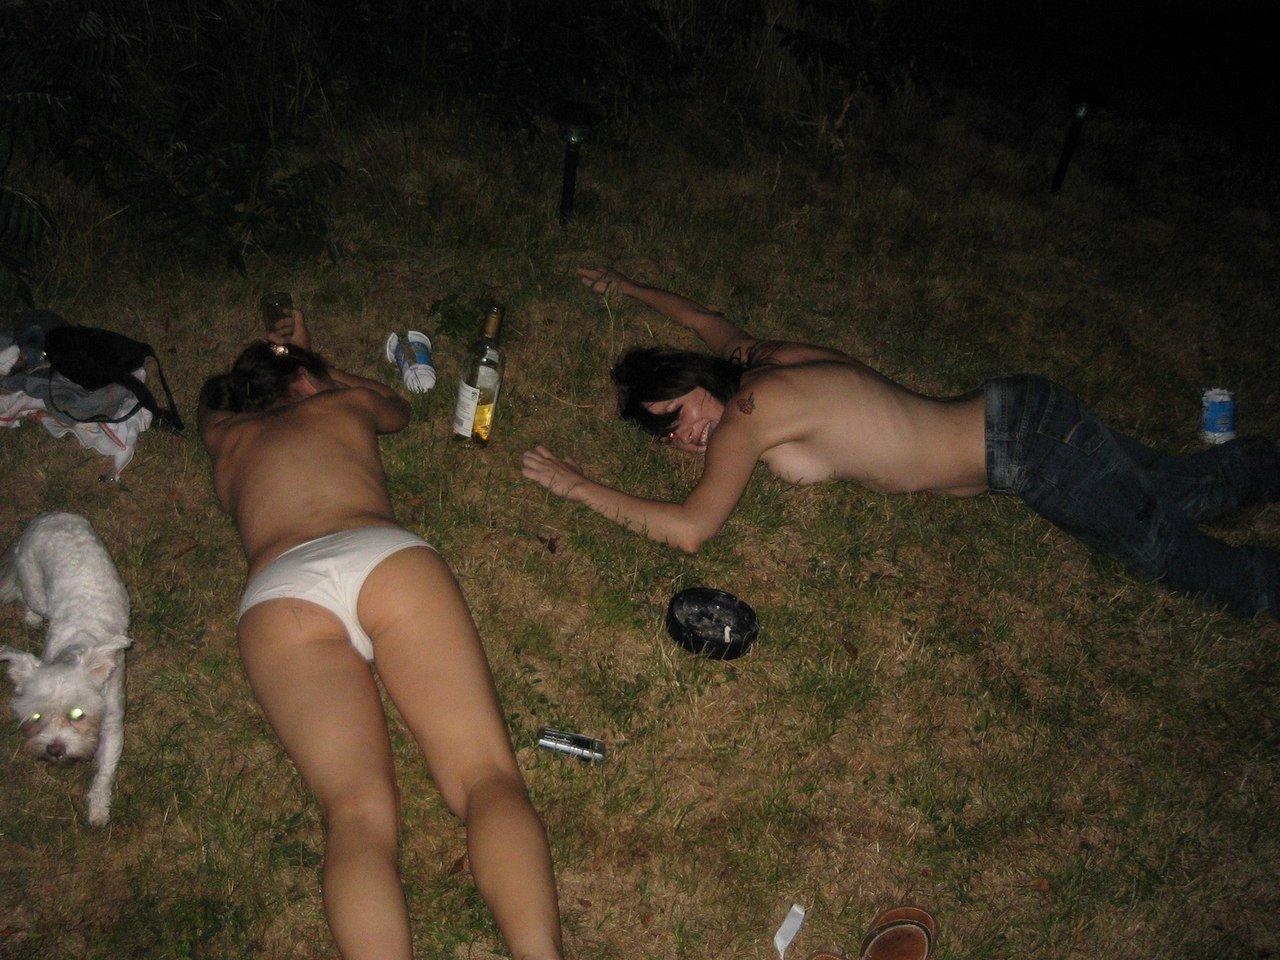 Фото пьяные обоссаные бабы, Пьяные девки обоссались (25 фото) 6 фотография